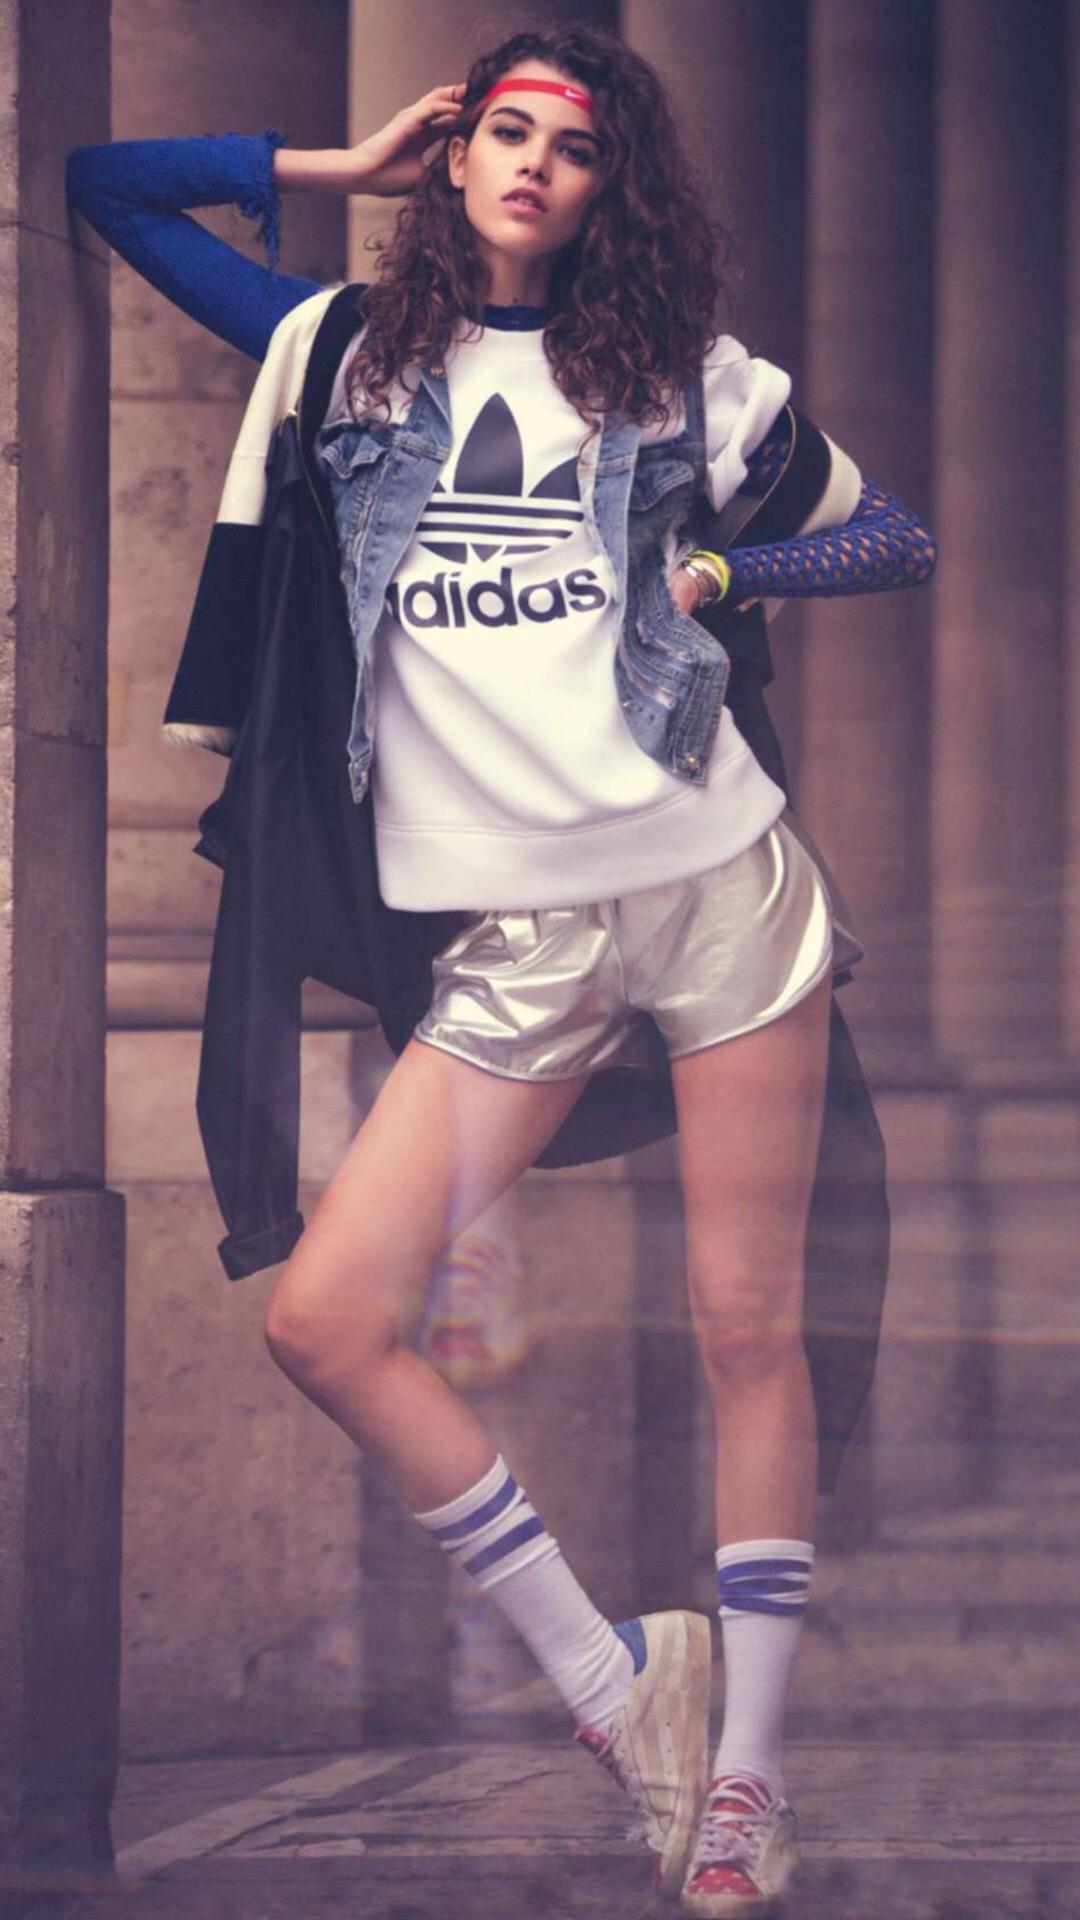 美女 欧美 运动 体育 长腿 阿迪达斯Adidas 苹果手机高清壁纸 1080x1920 爱思助手